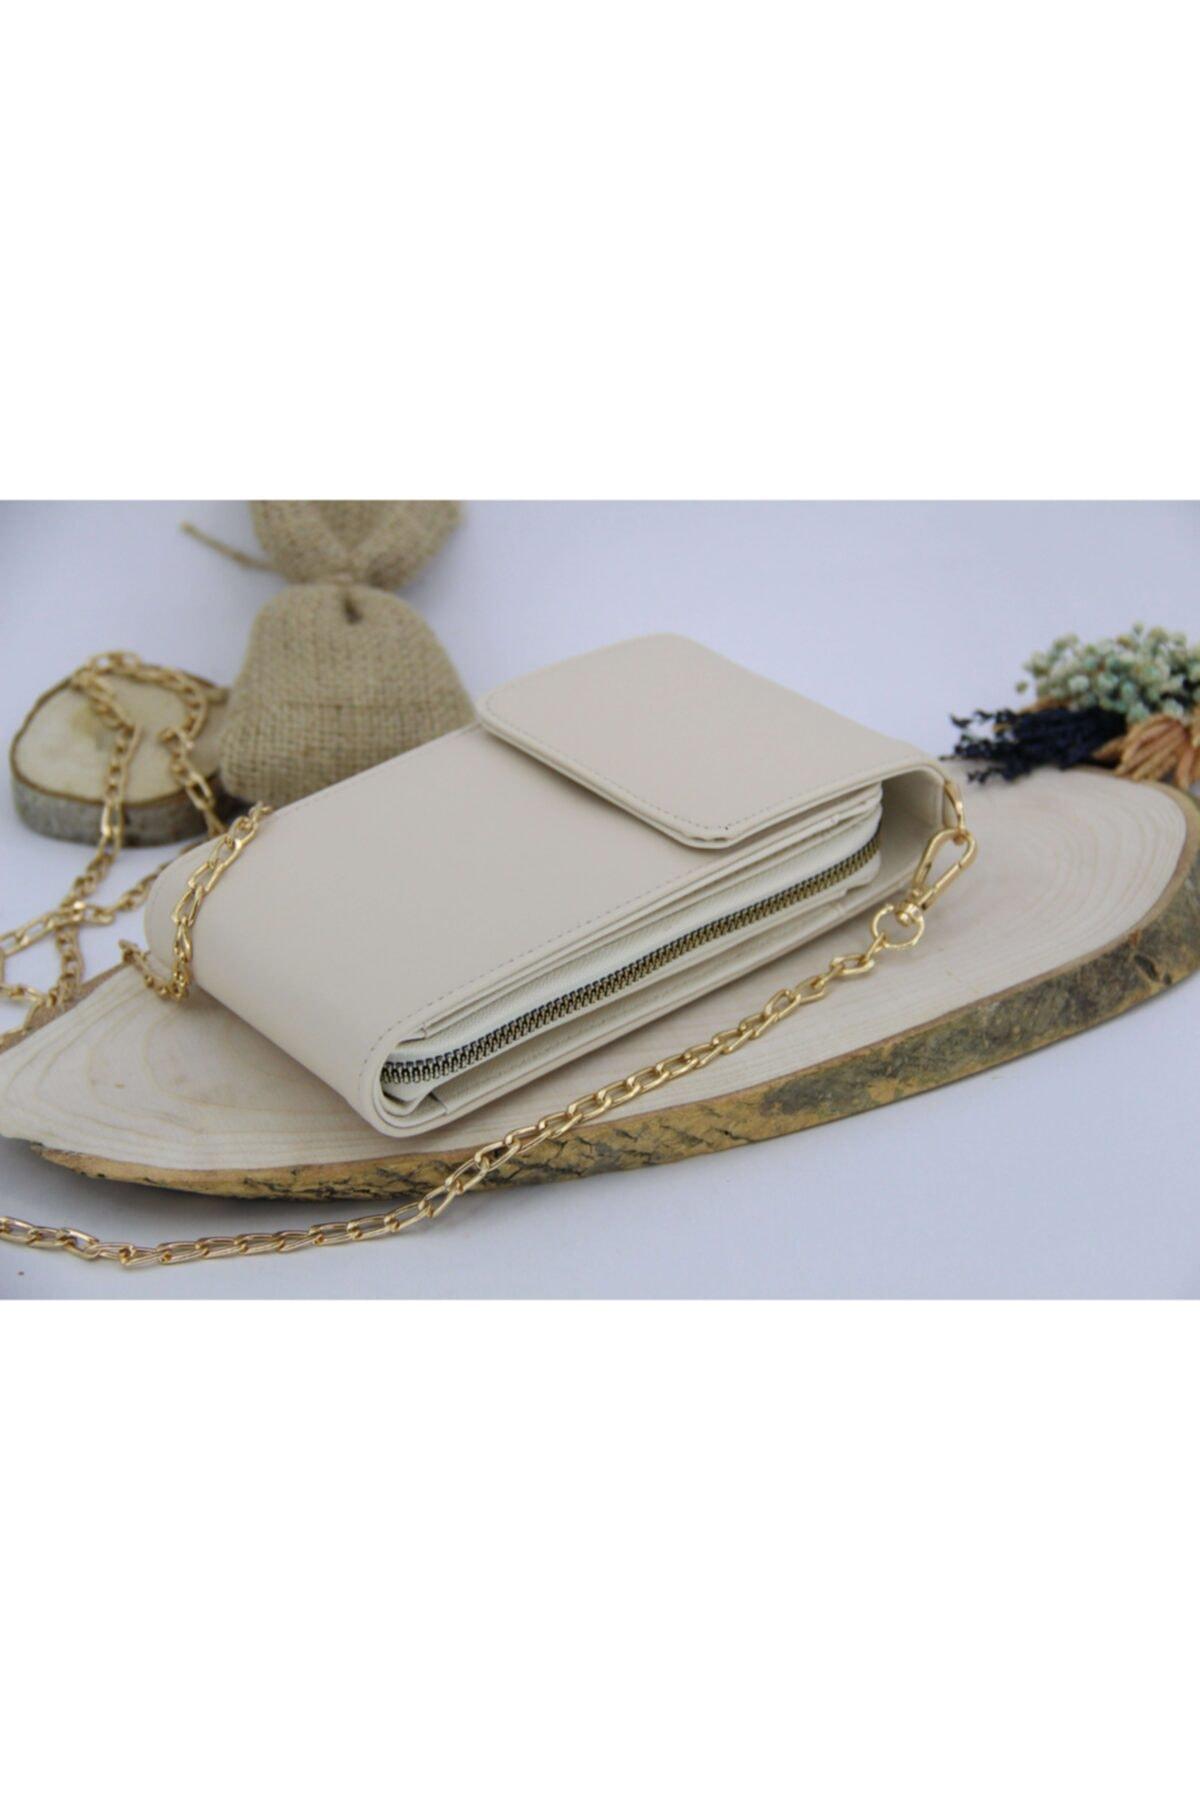 فروش کیف دستی زنانه حراجی برند Karbag رنگ بژ کد ty93610968